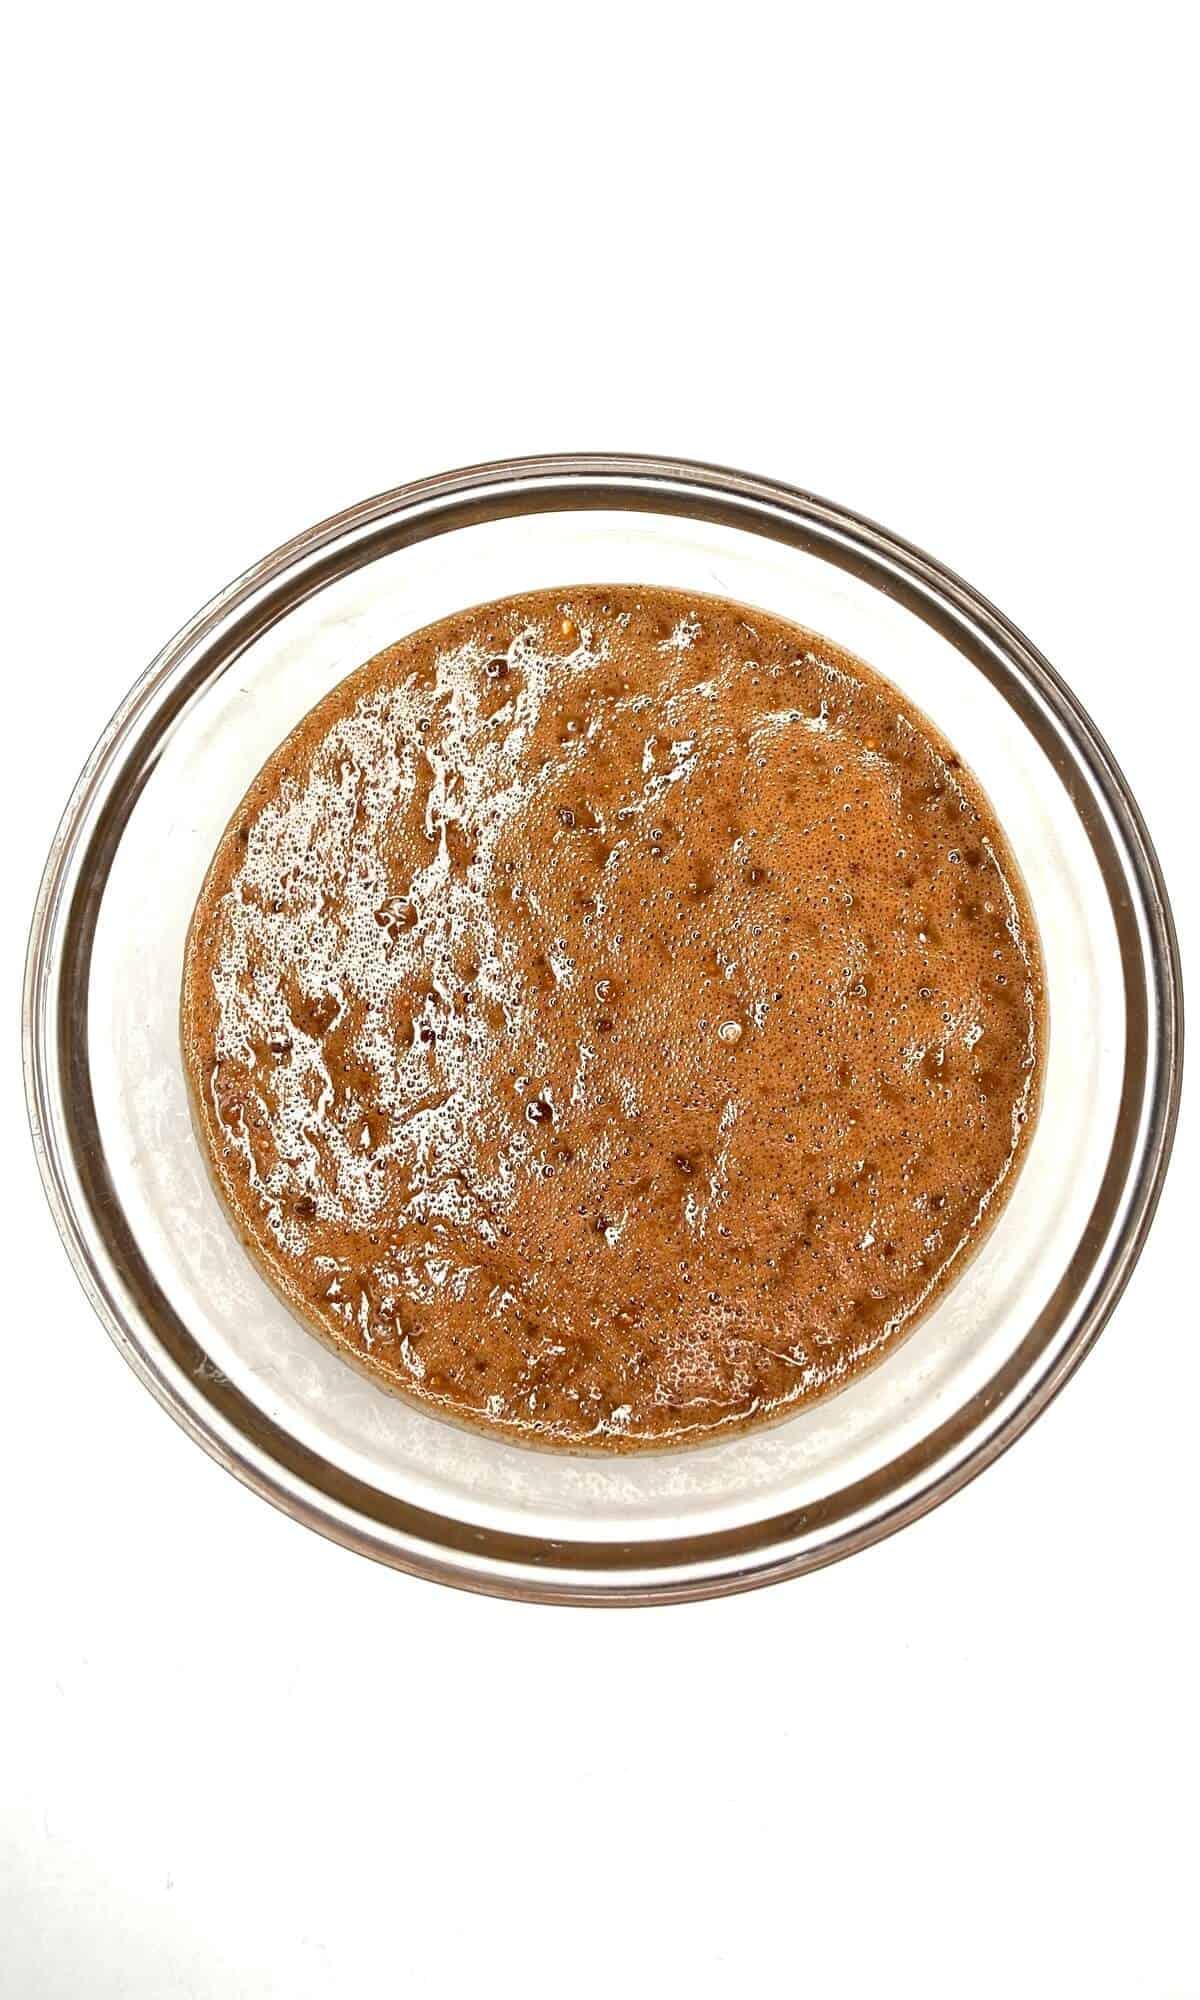 Chocolate Castella Cake (Photo by Viana Boenzli)